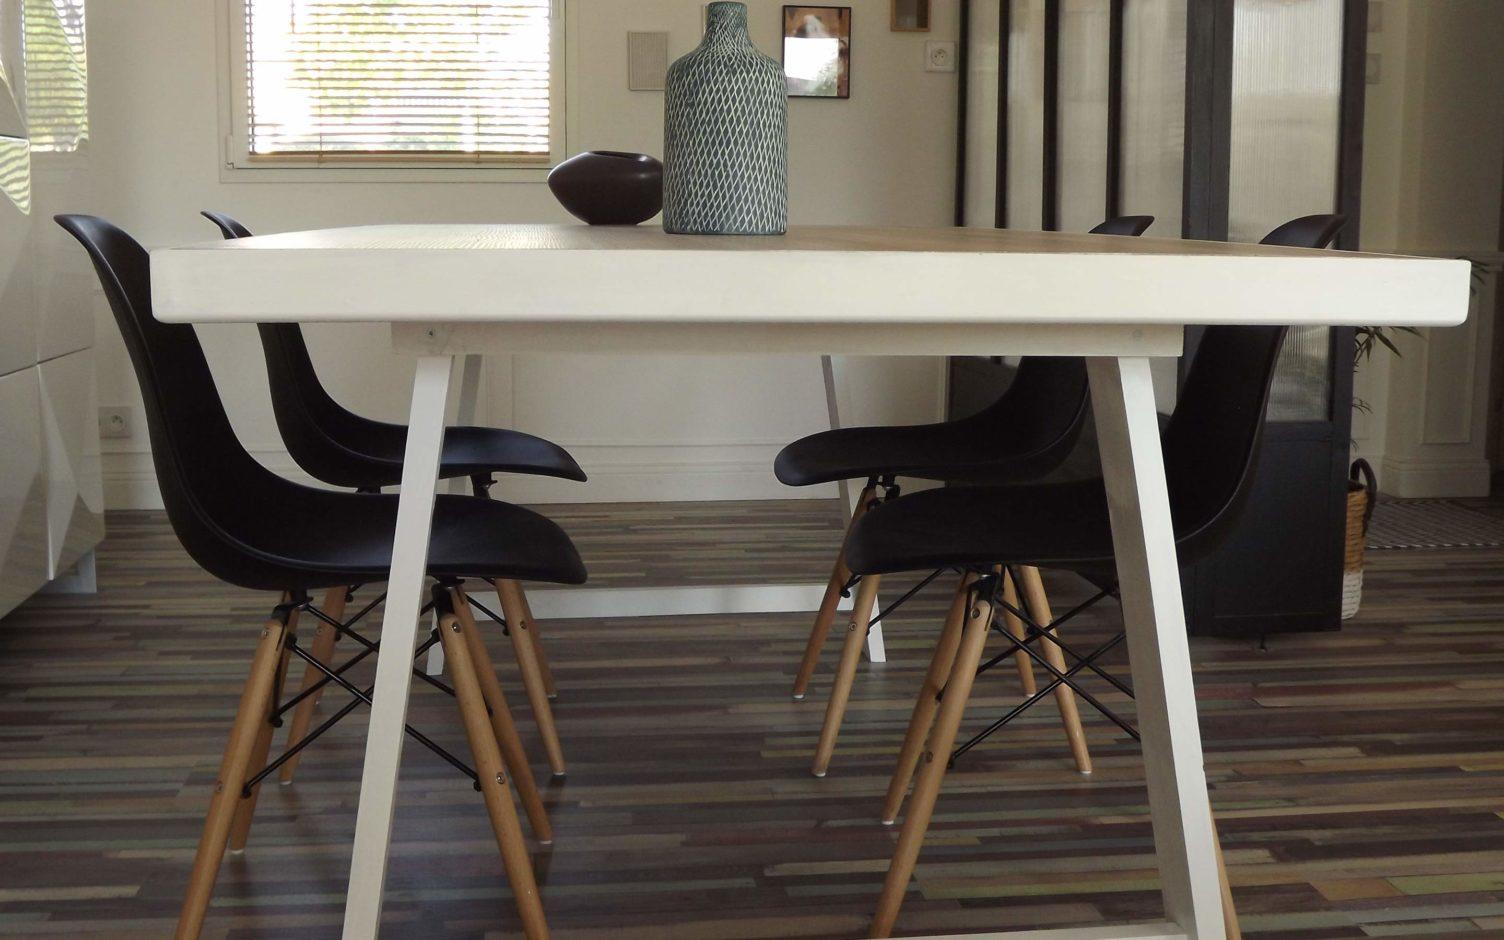 Table de salle à manger en bois avec du parquet stratifié imitation ...